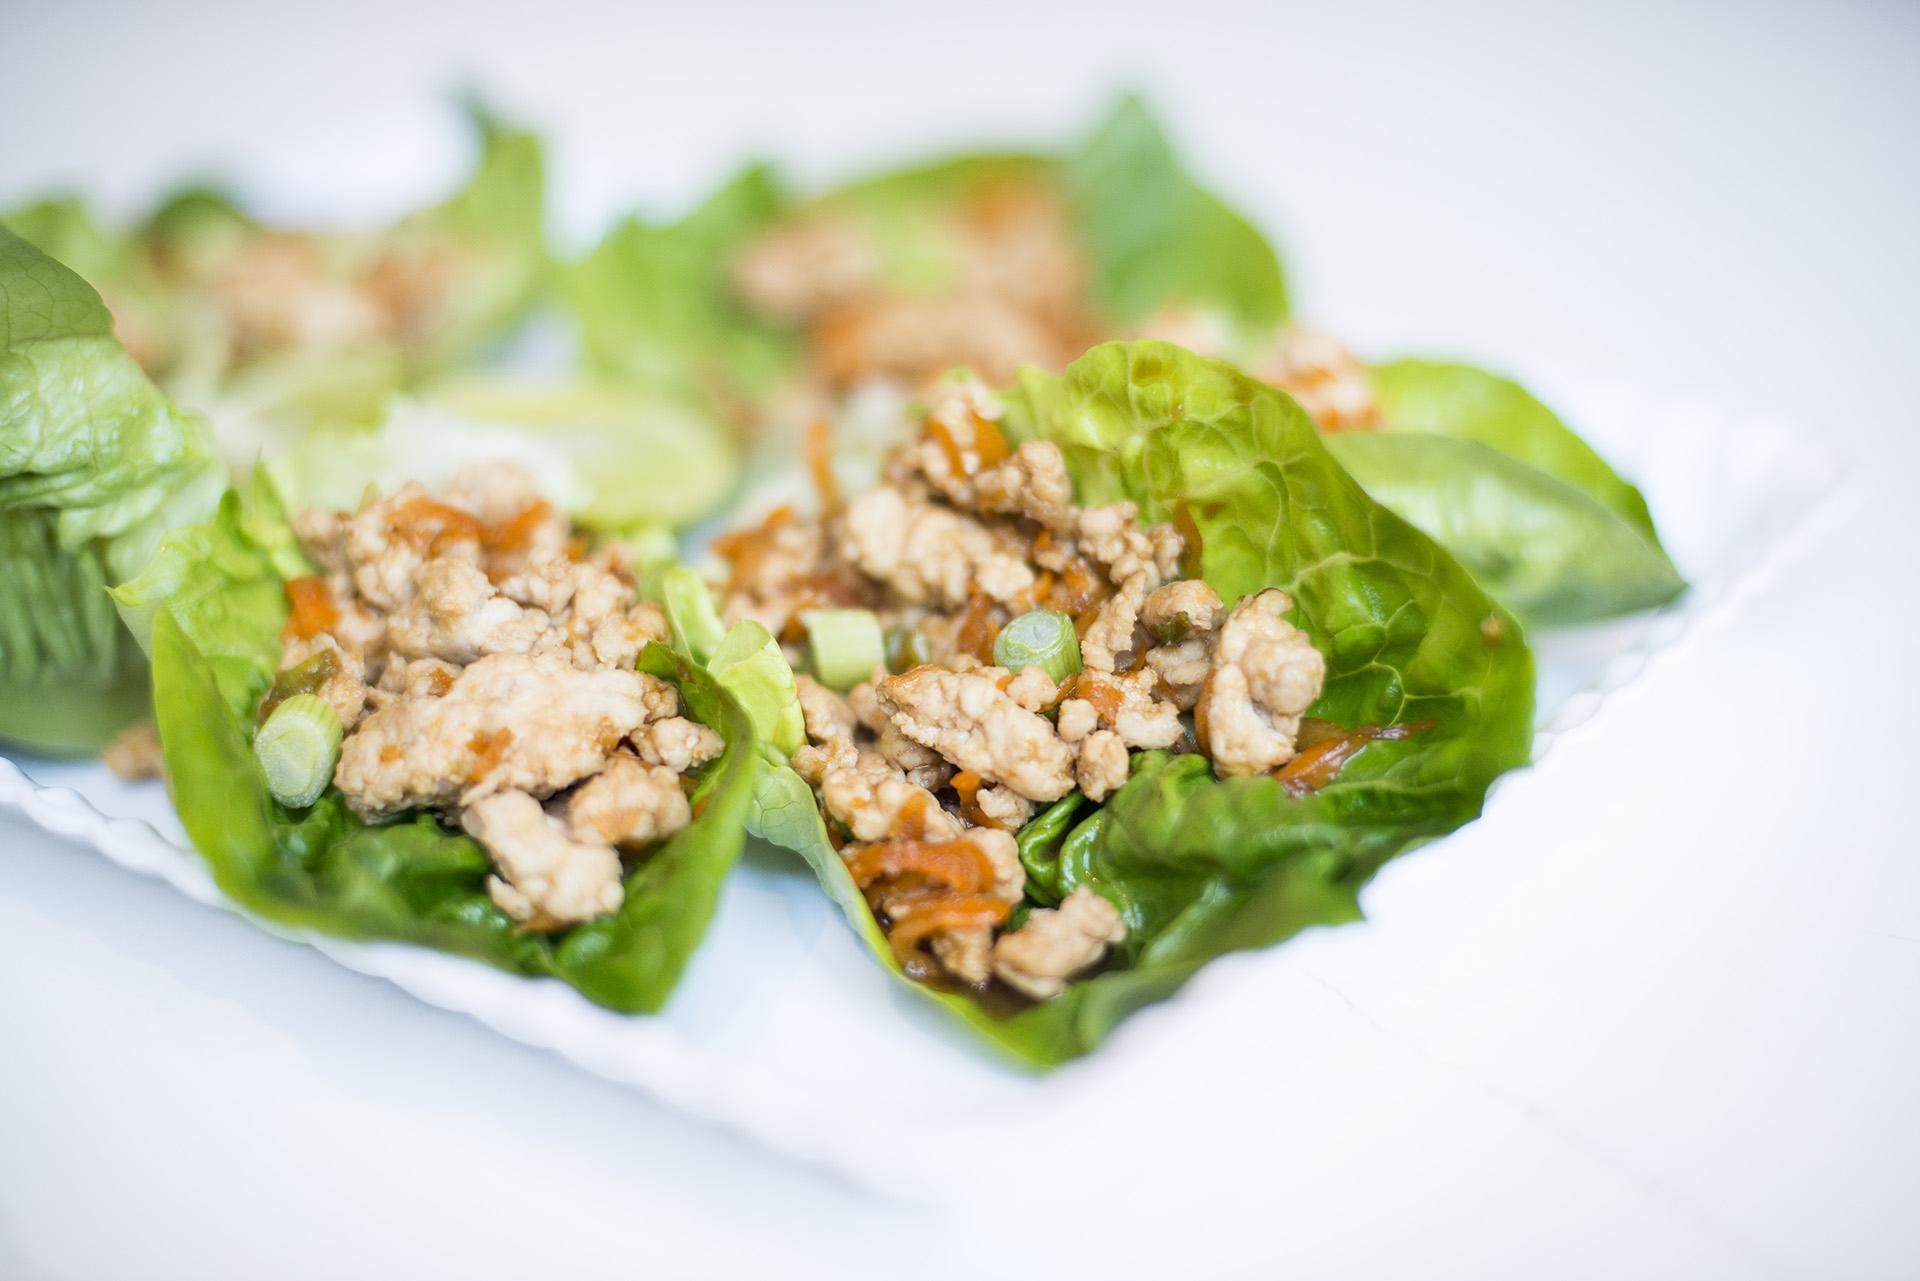 Asian Lettuce Recipe by Julie Neville18